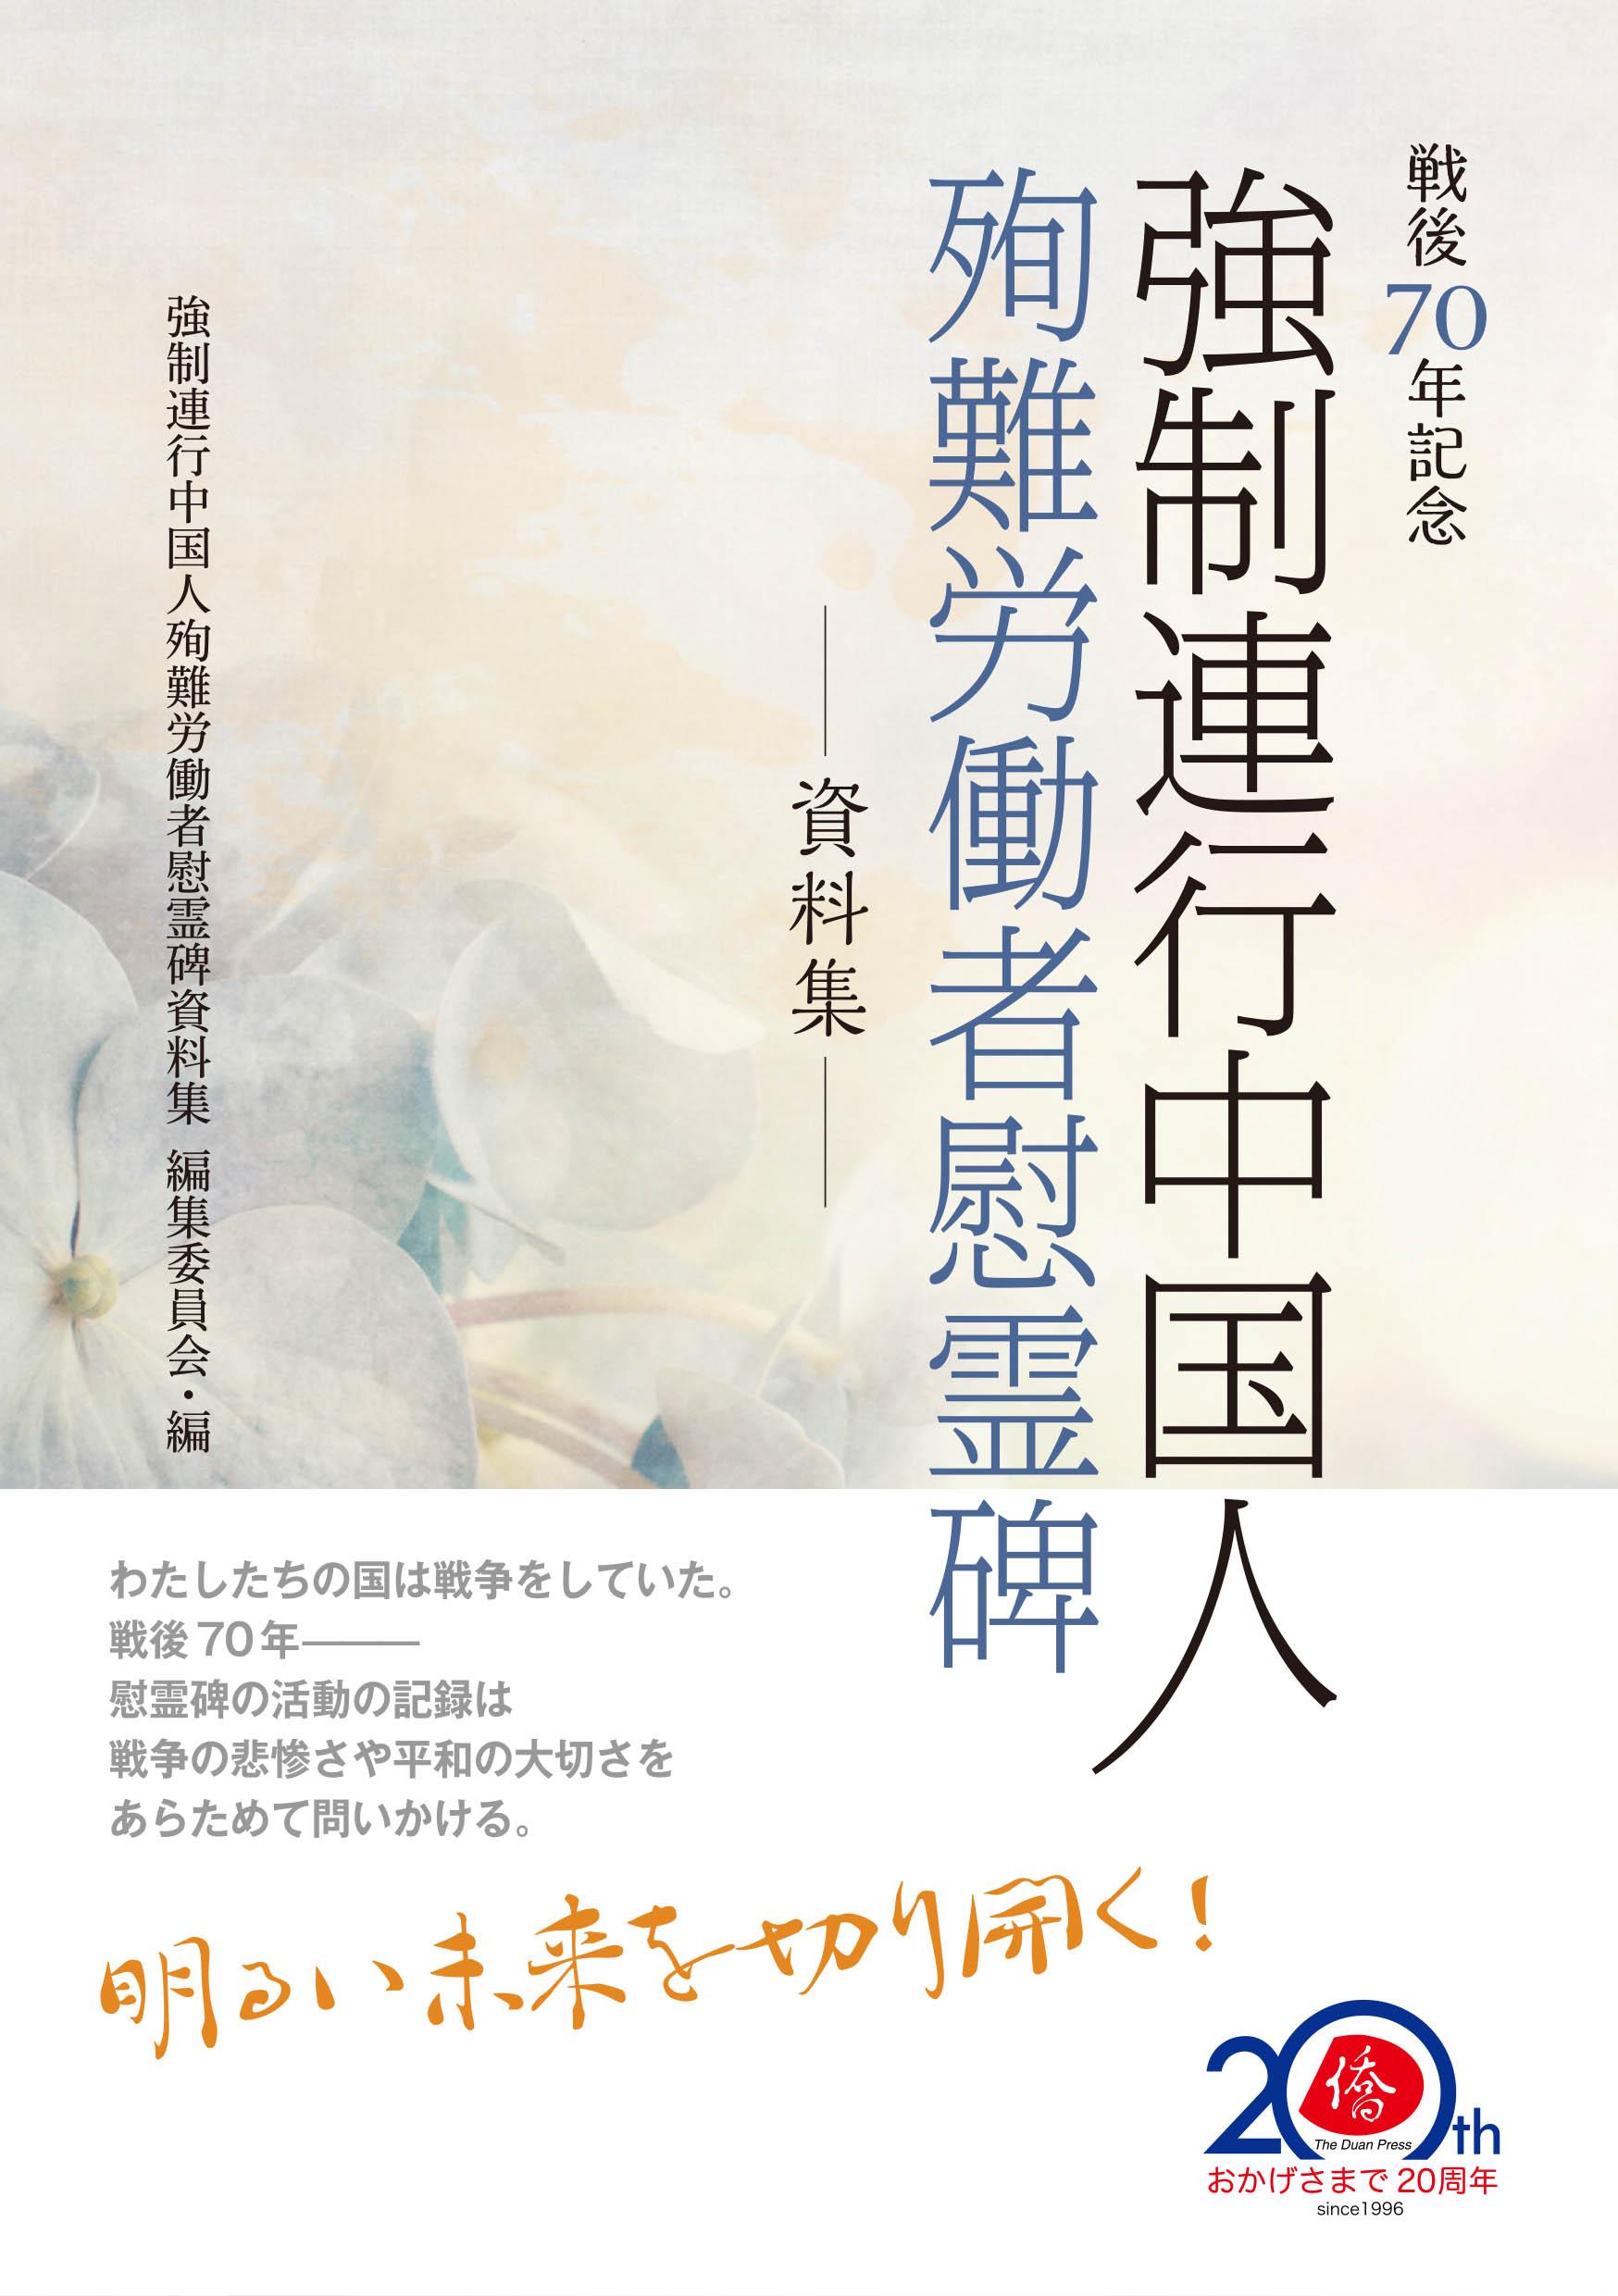 強制連行中国人殉難労働者慰霊碑資料集、今月26日~発売へ_d0027795_123594.jpg